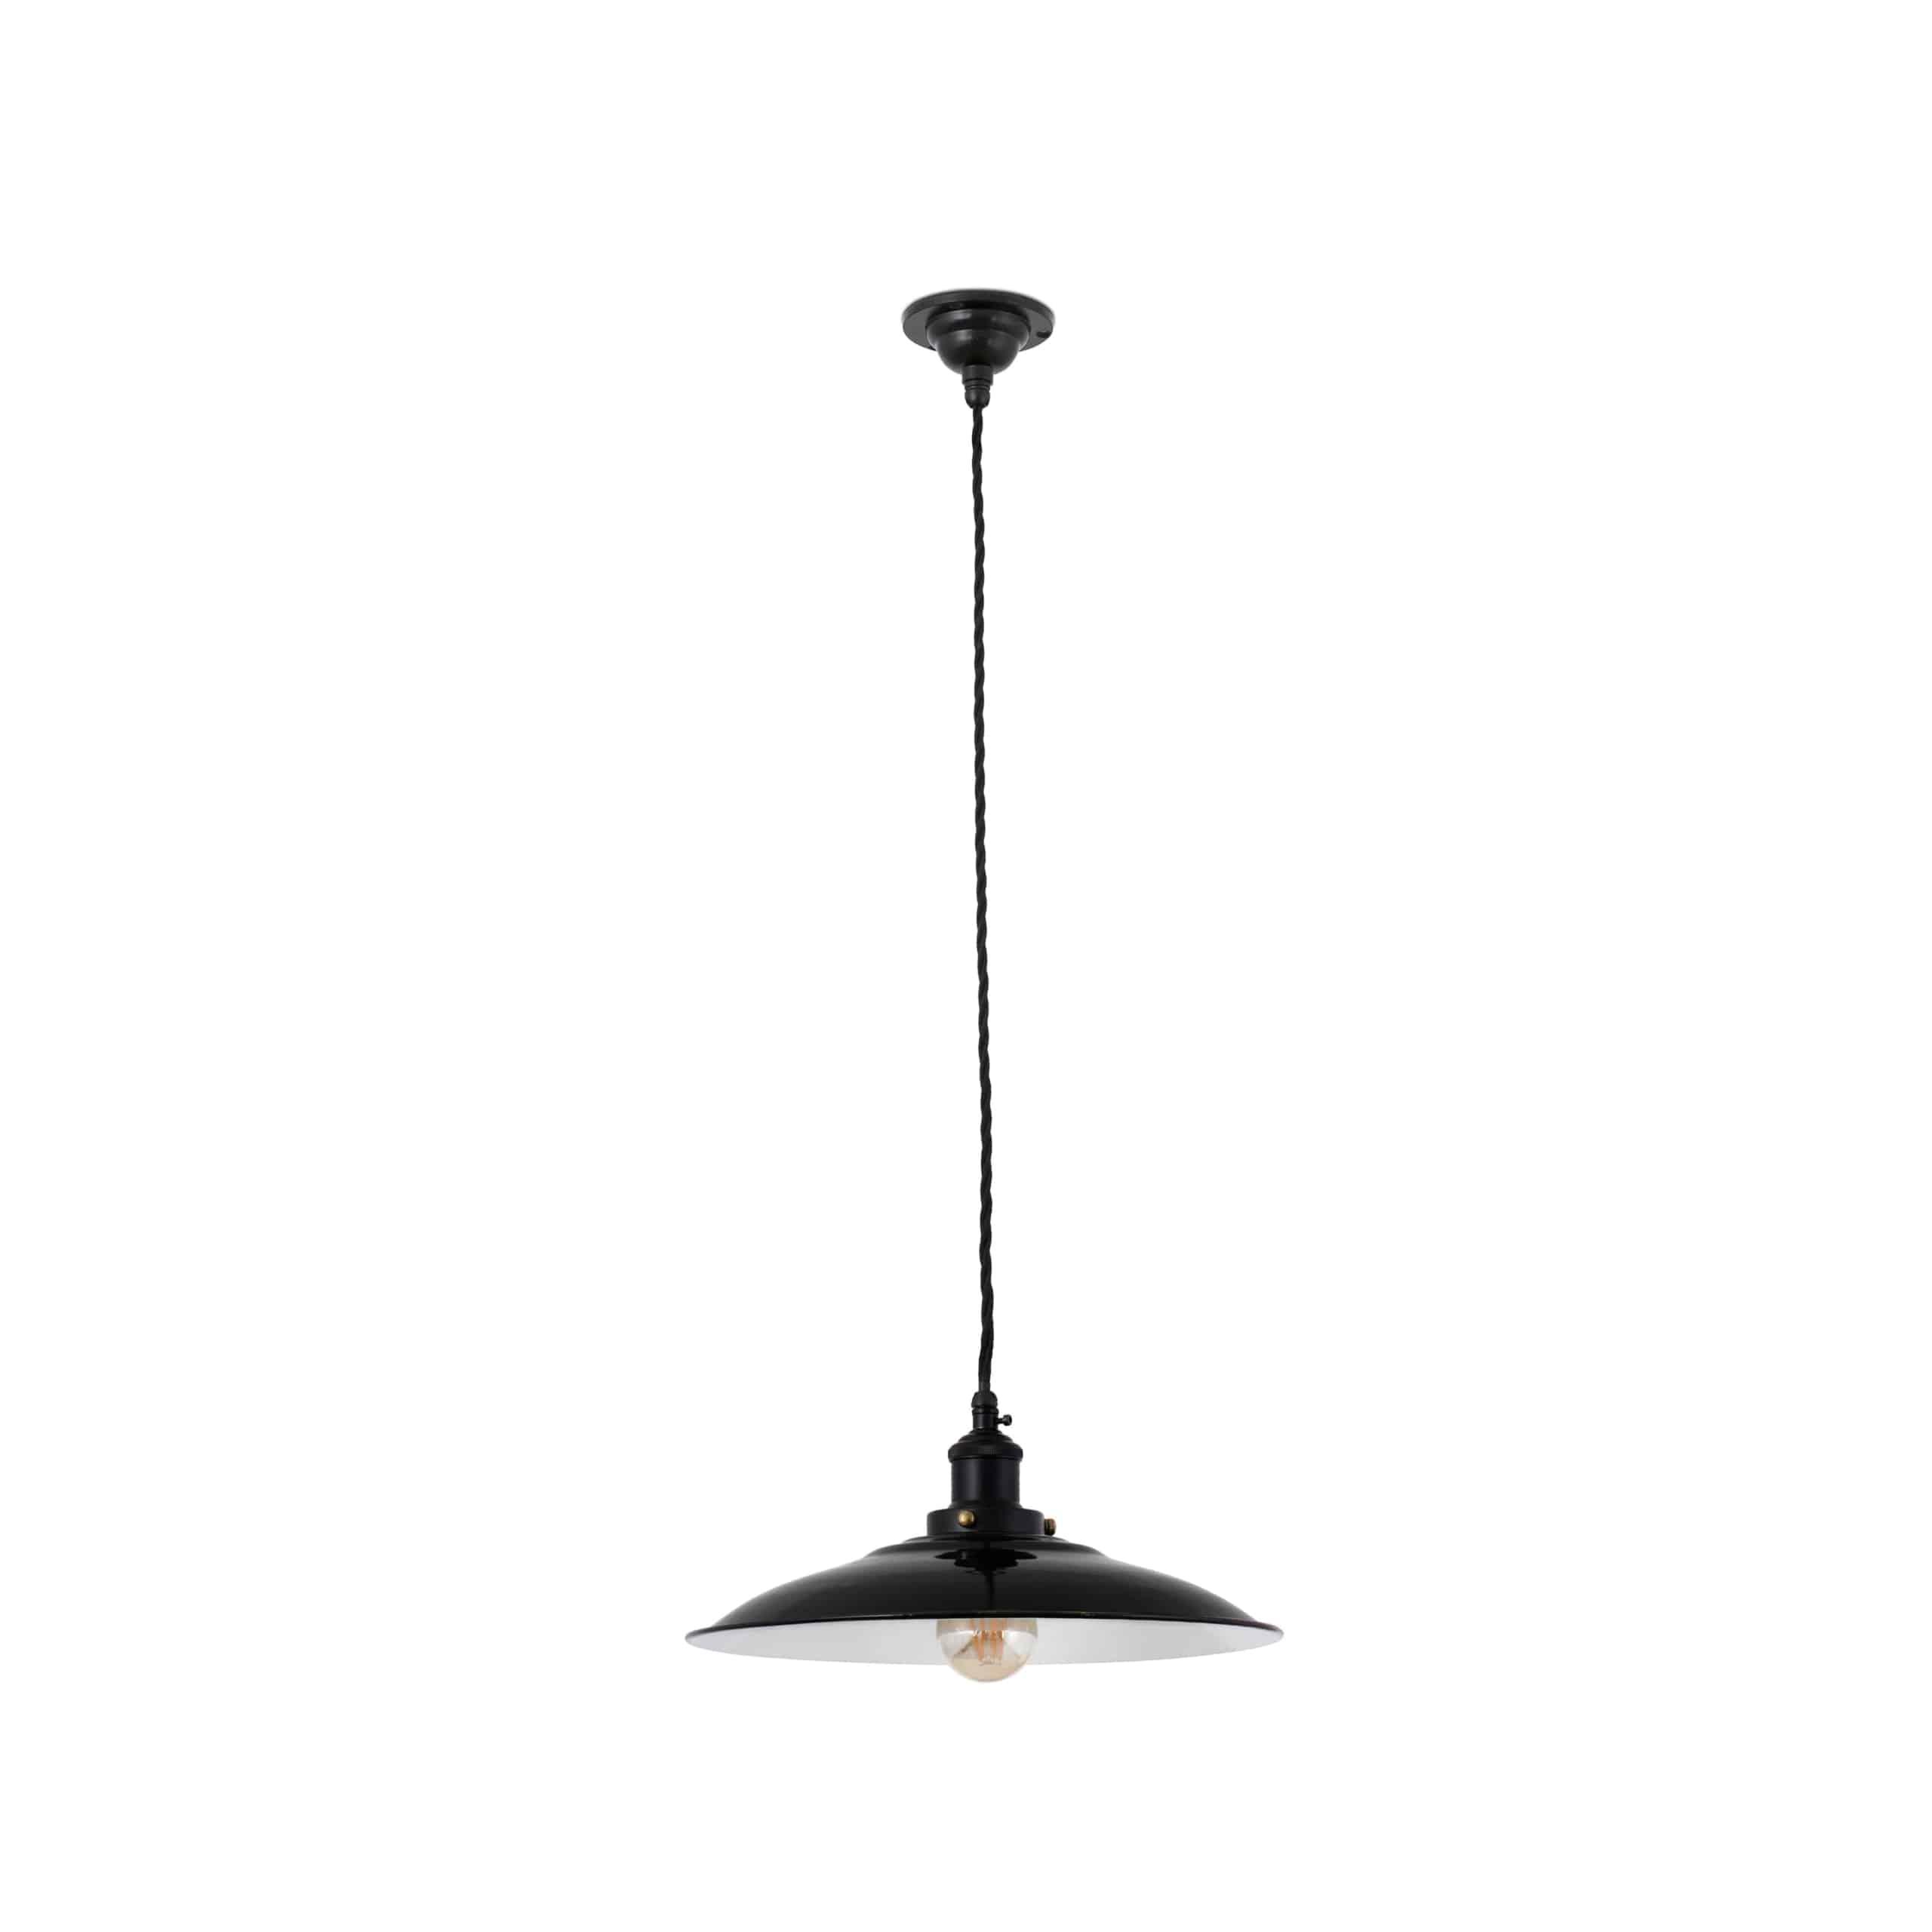 Industrinio stiliaus pakabinamas šviestuvas FARO LANG